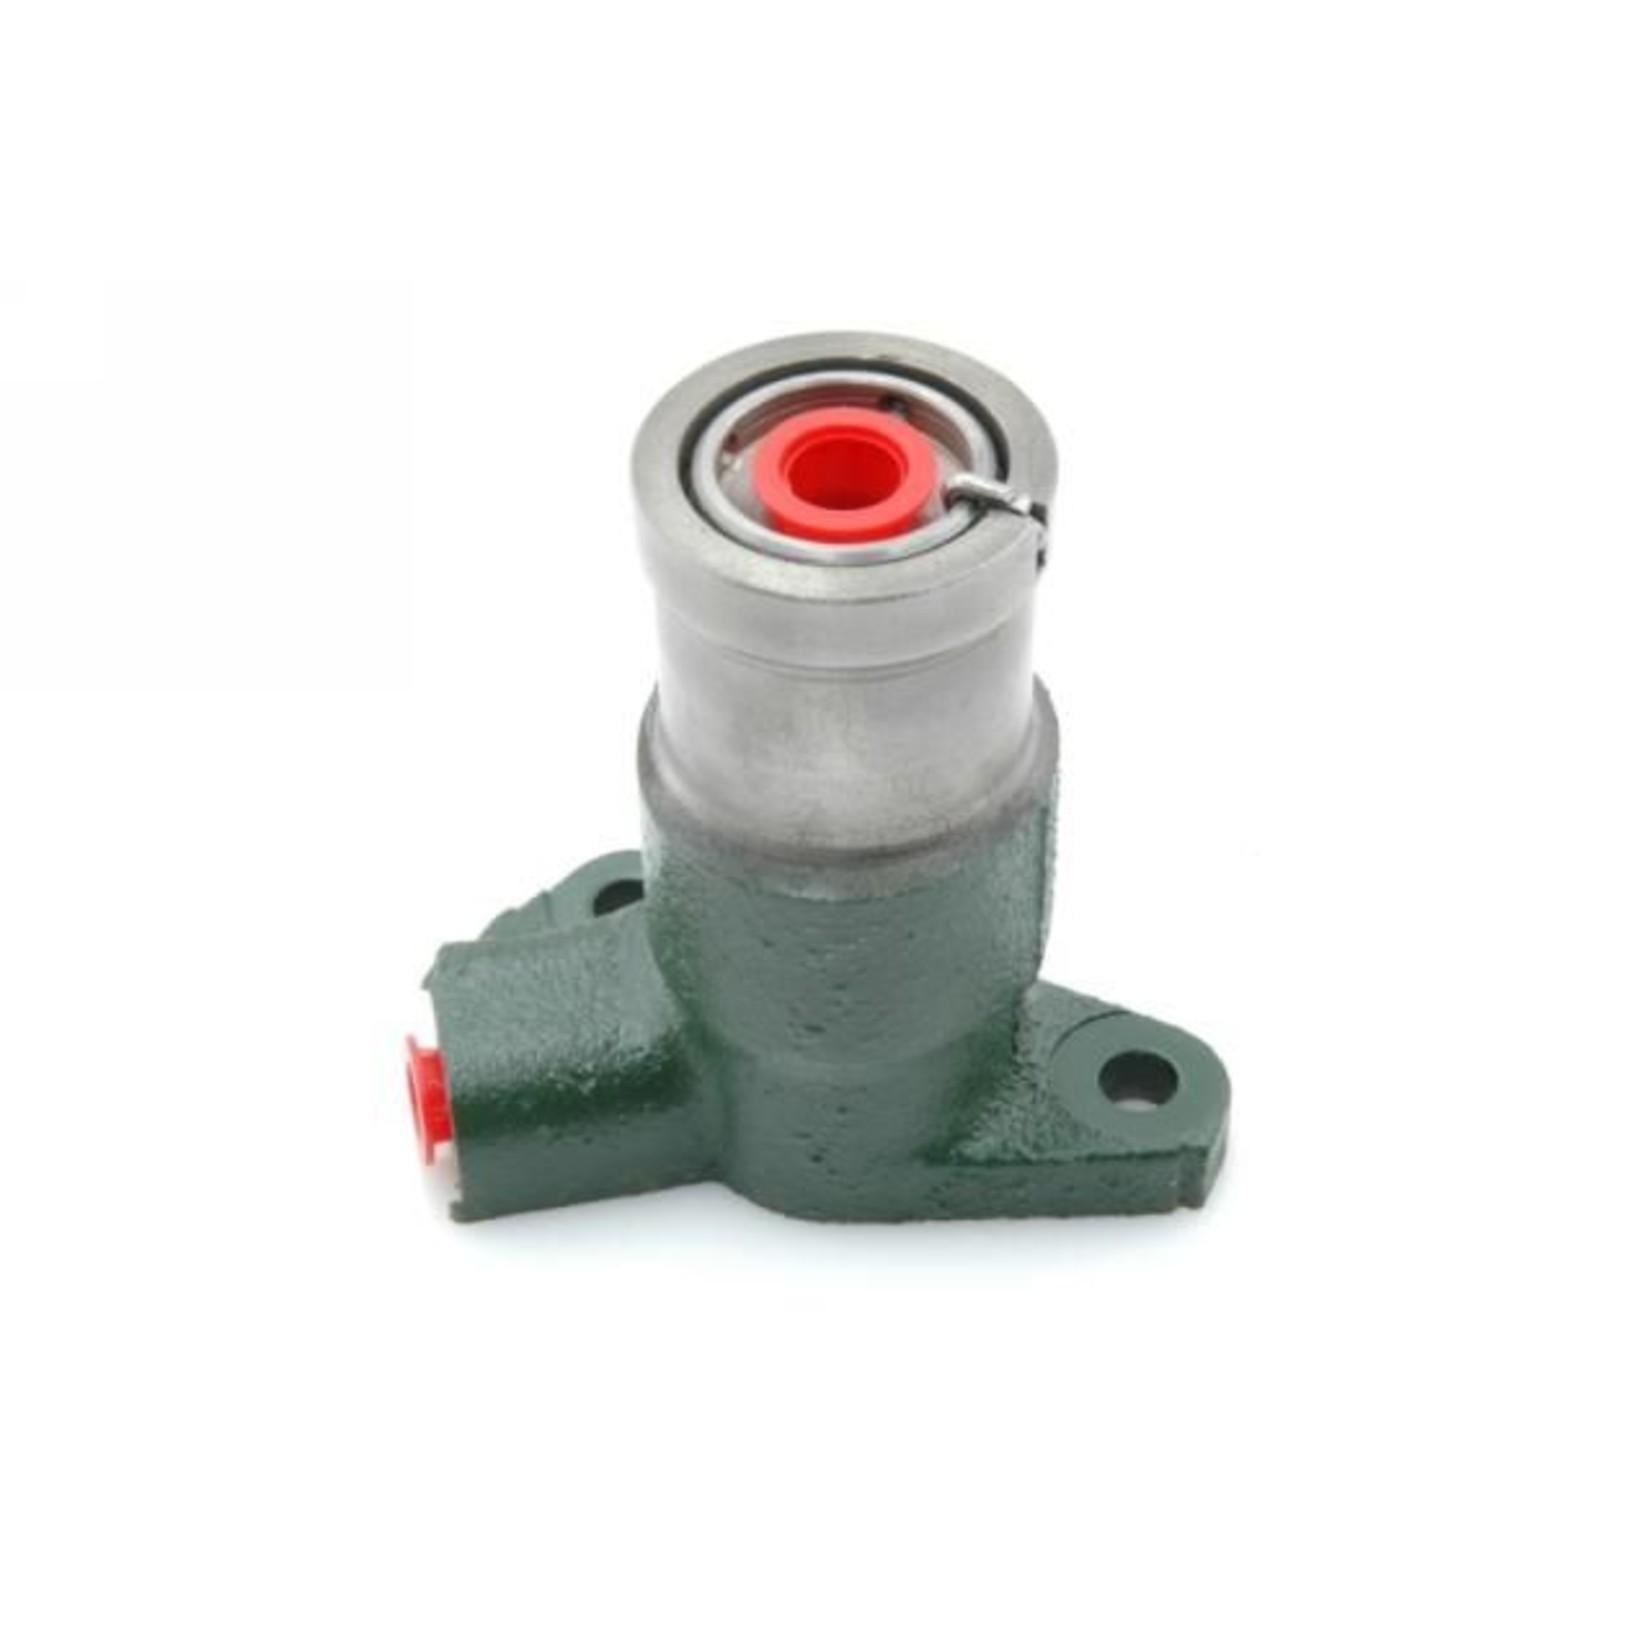 Koppelingscilinder (diafragma drukgroep) gereviseerd LHM Nr Org: 5429376